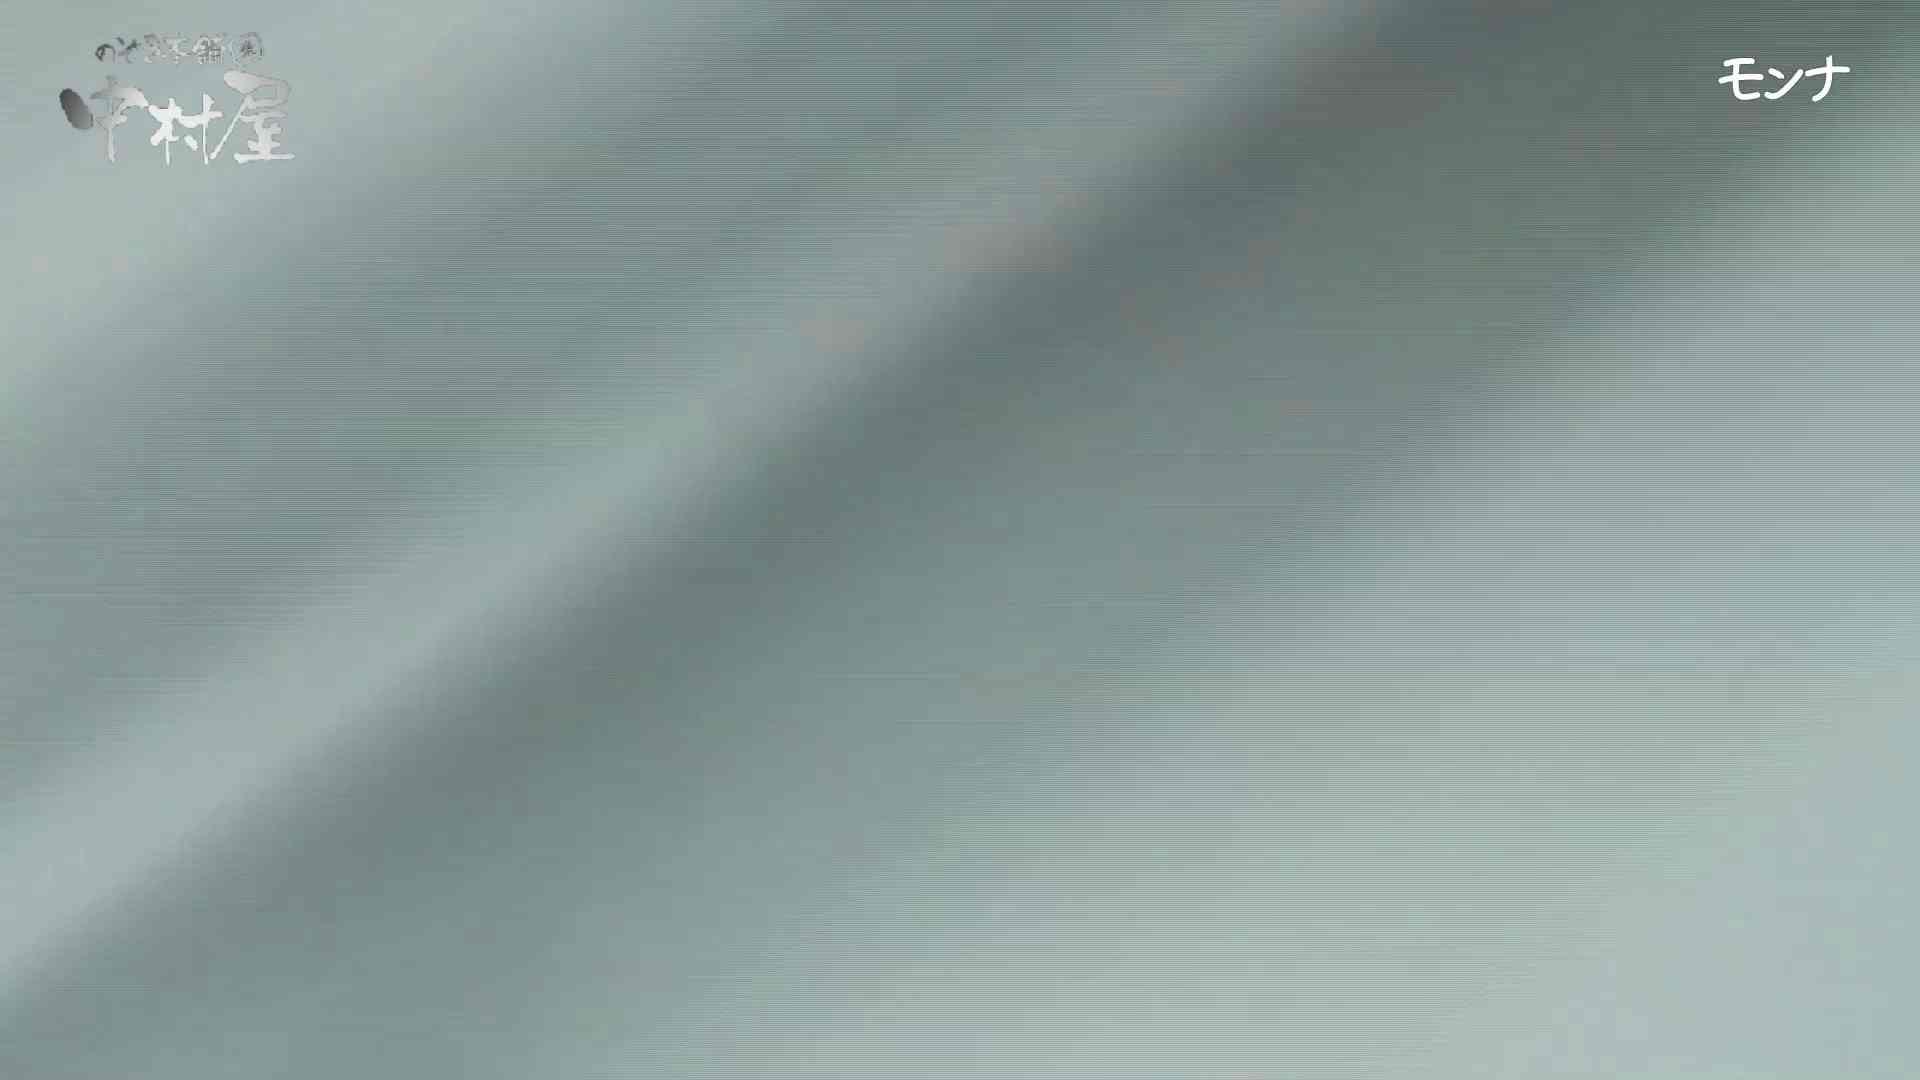 美しい日本の未来 No.47 冬Ver.進化 細い指でほじくりまくる!前編 女性トイレ  79pic 36